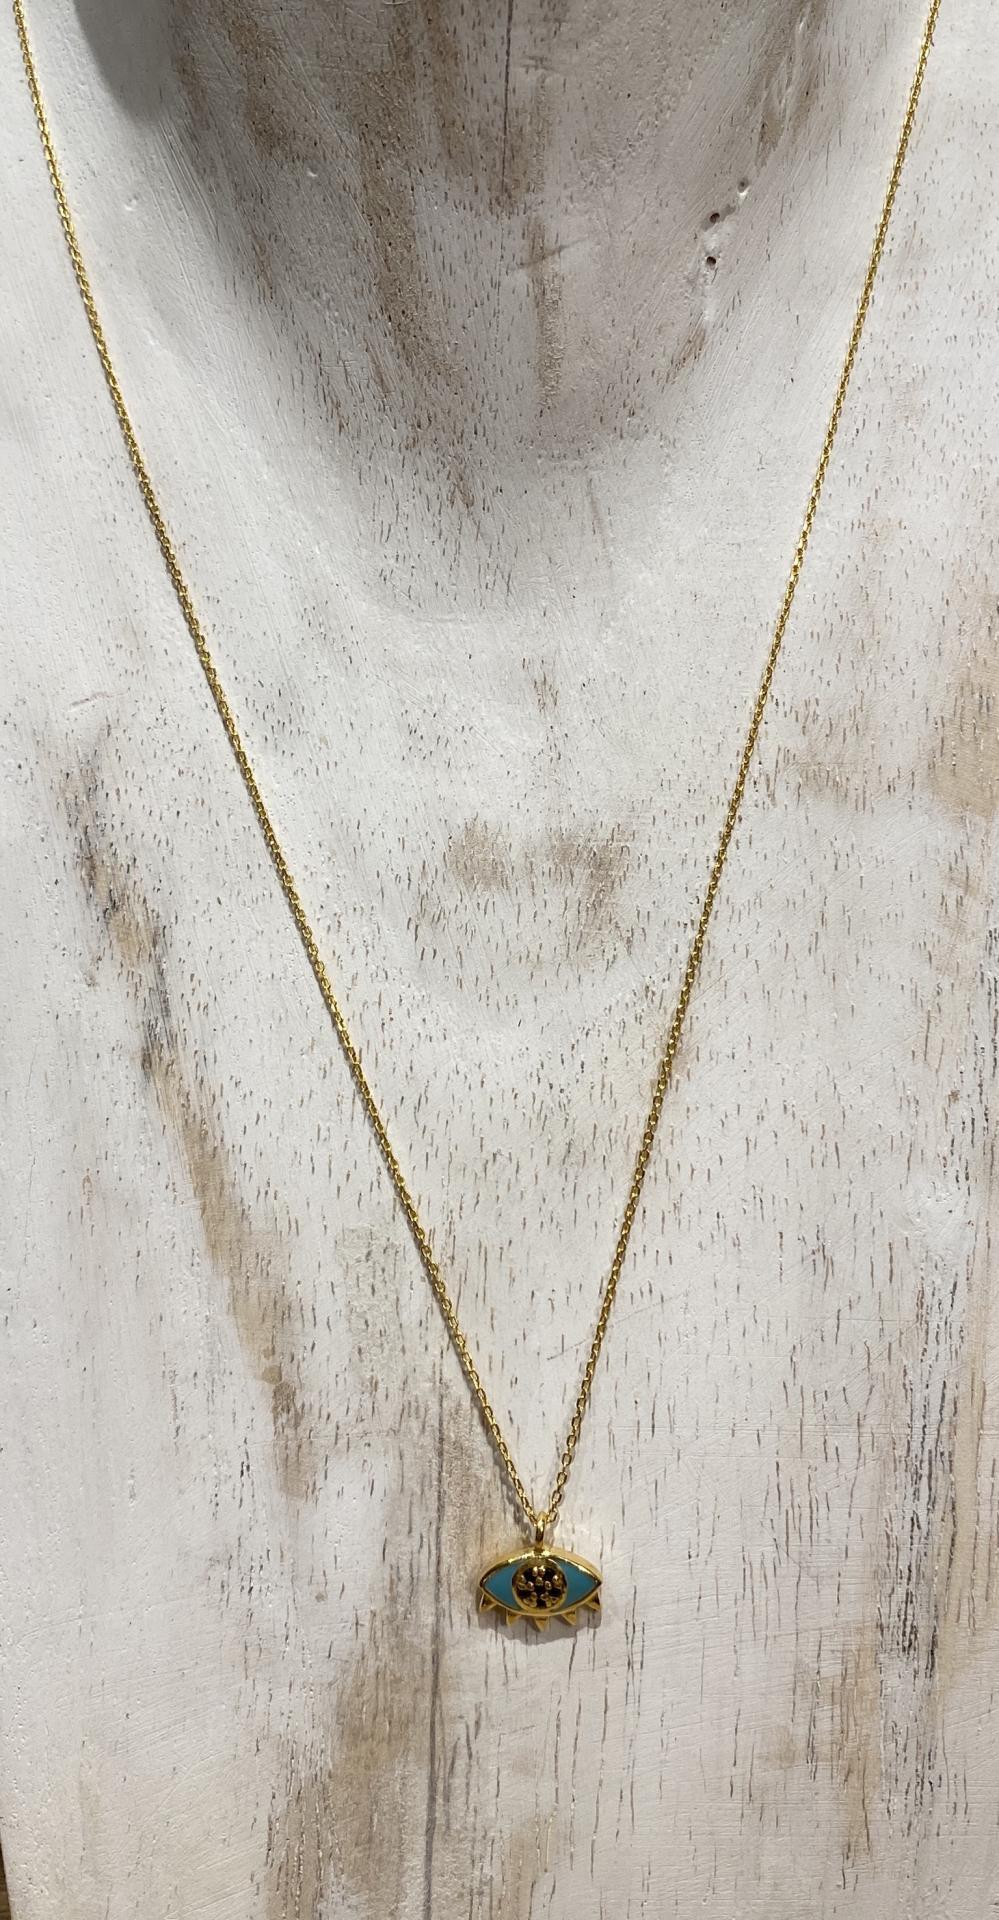 collier ras de cou